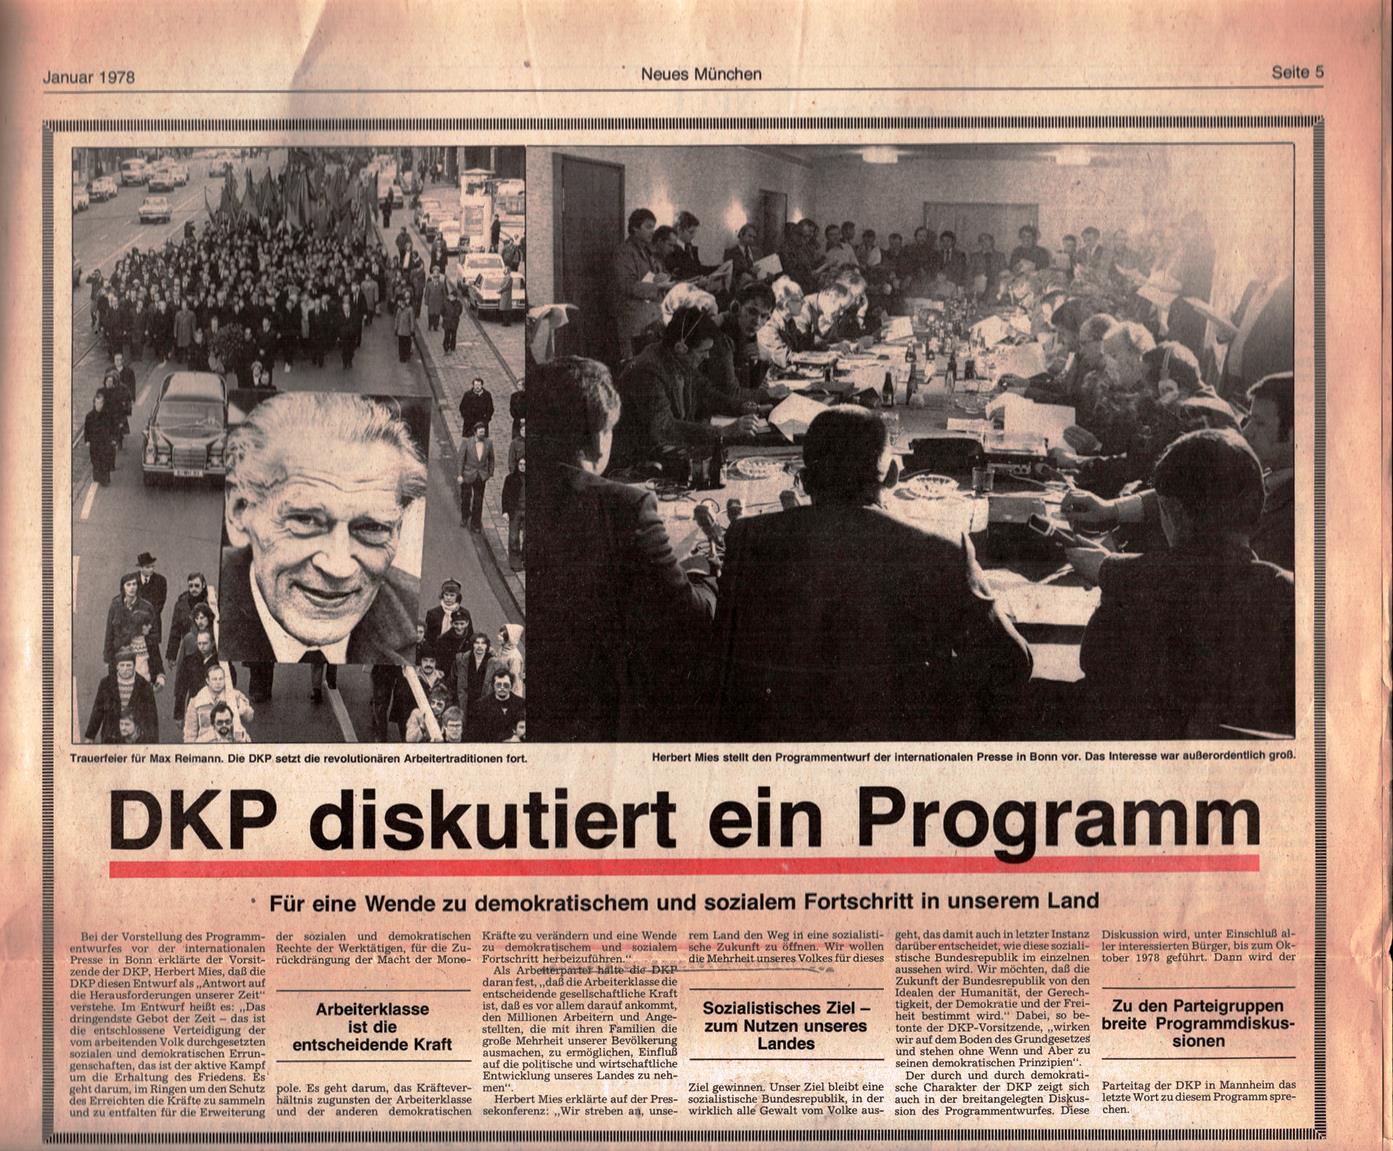 Muenchen_DKP_Neues_Muenchen_19780100_001_009